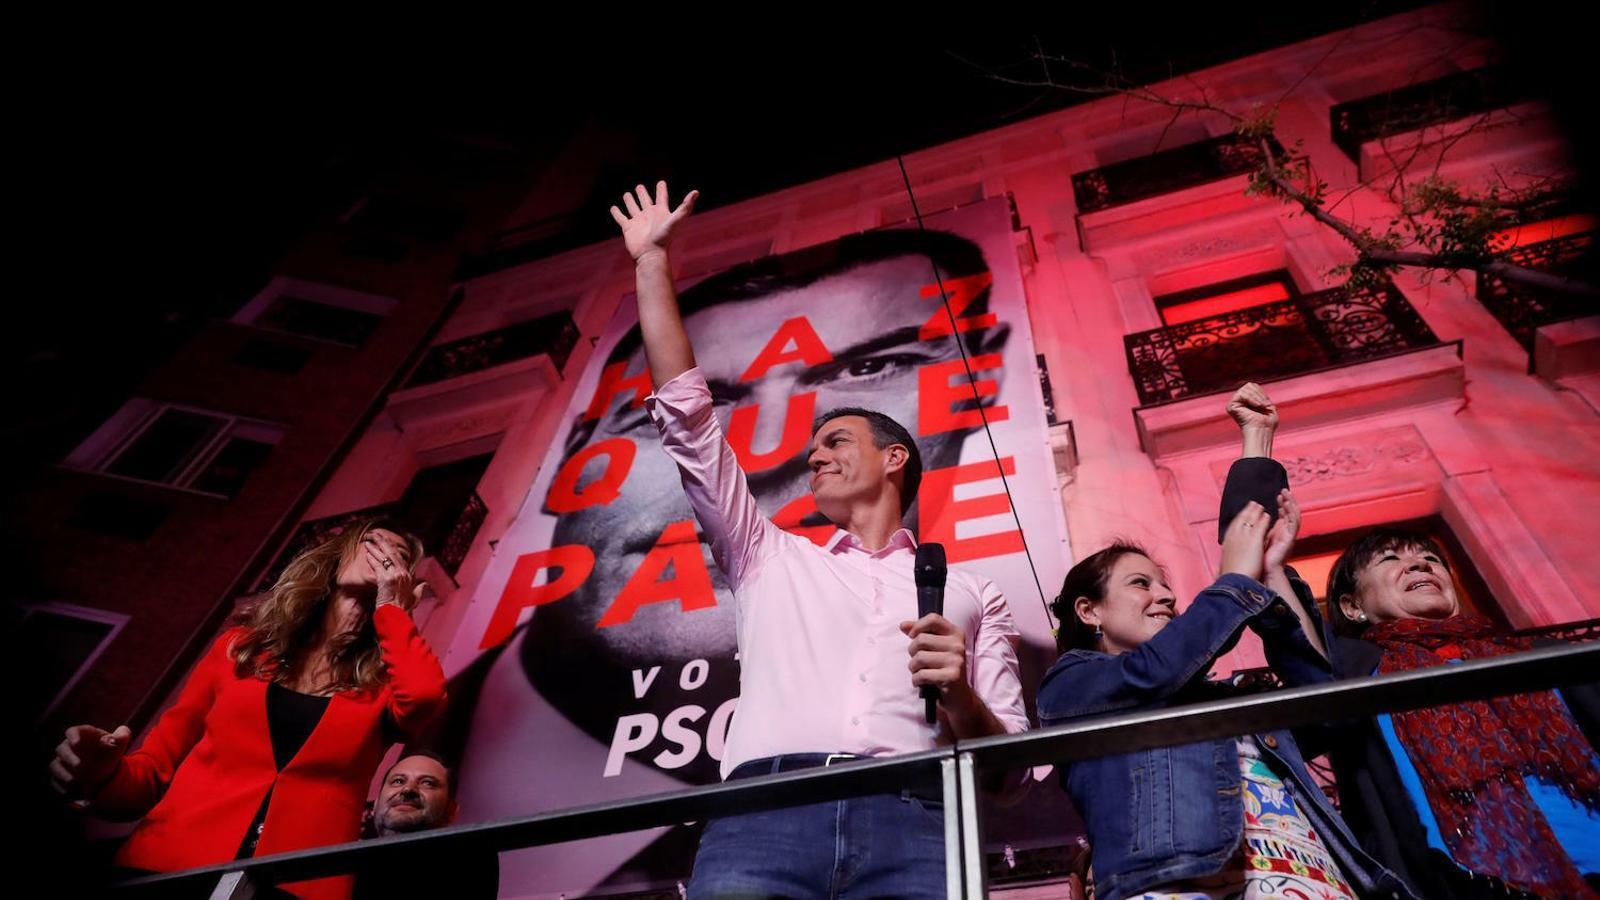 El PSOE s'imposa i mira cap a l'esquerra